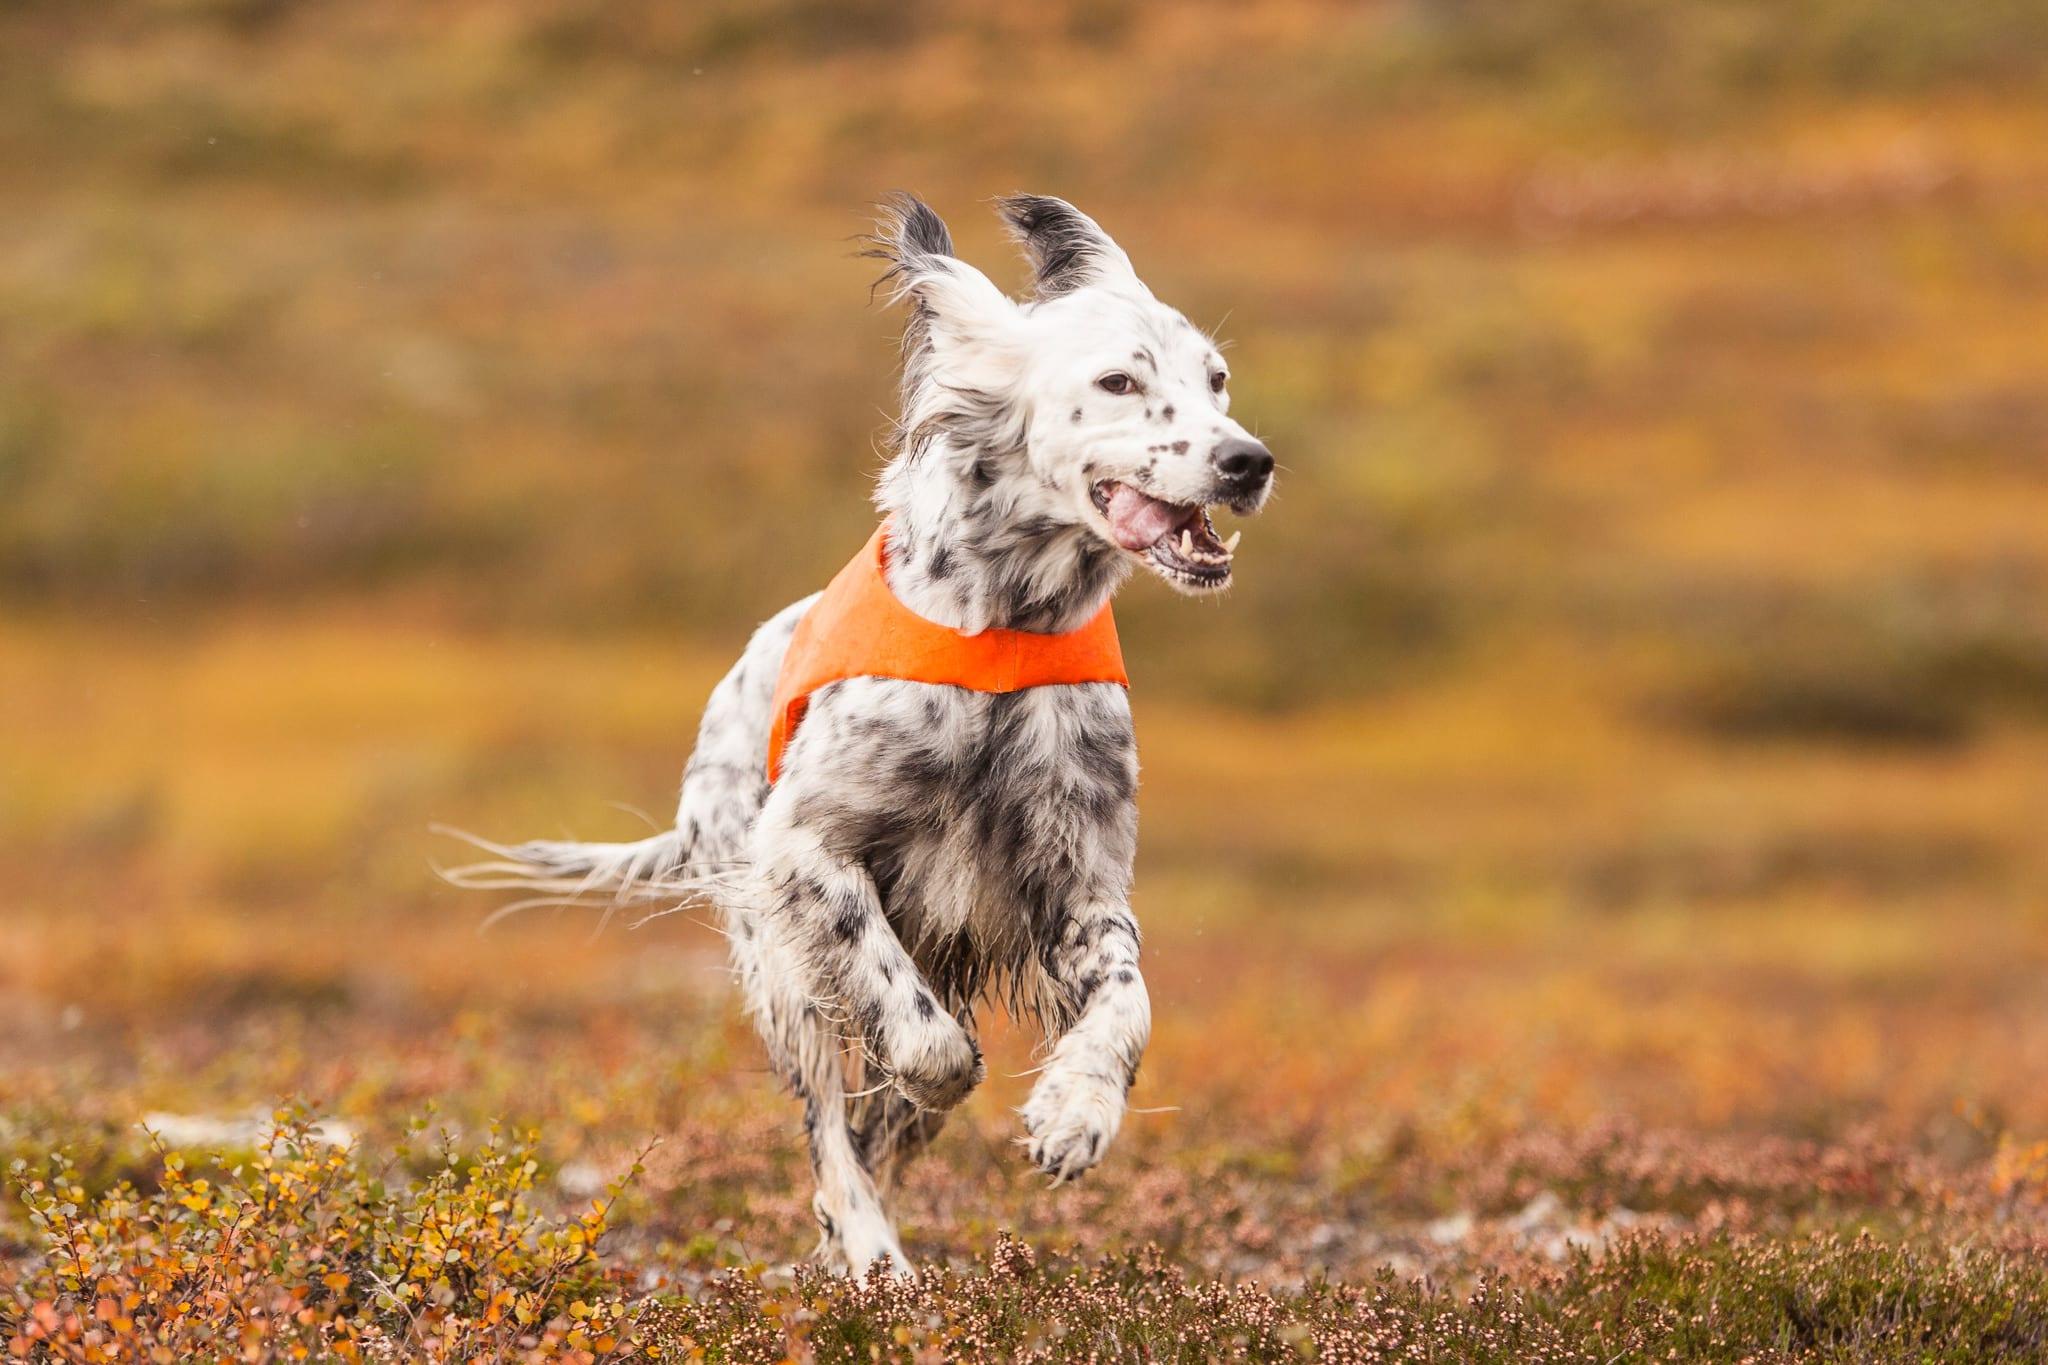 Fågelhundsträning är åter möjlig för norska hundförare i Sverige. Foto: Kjell-Erik Moseid